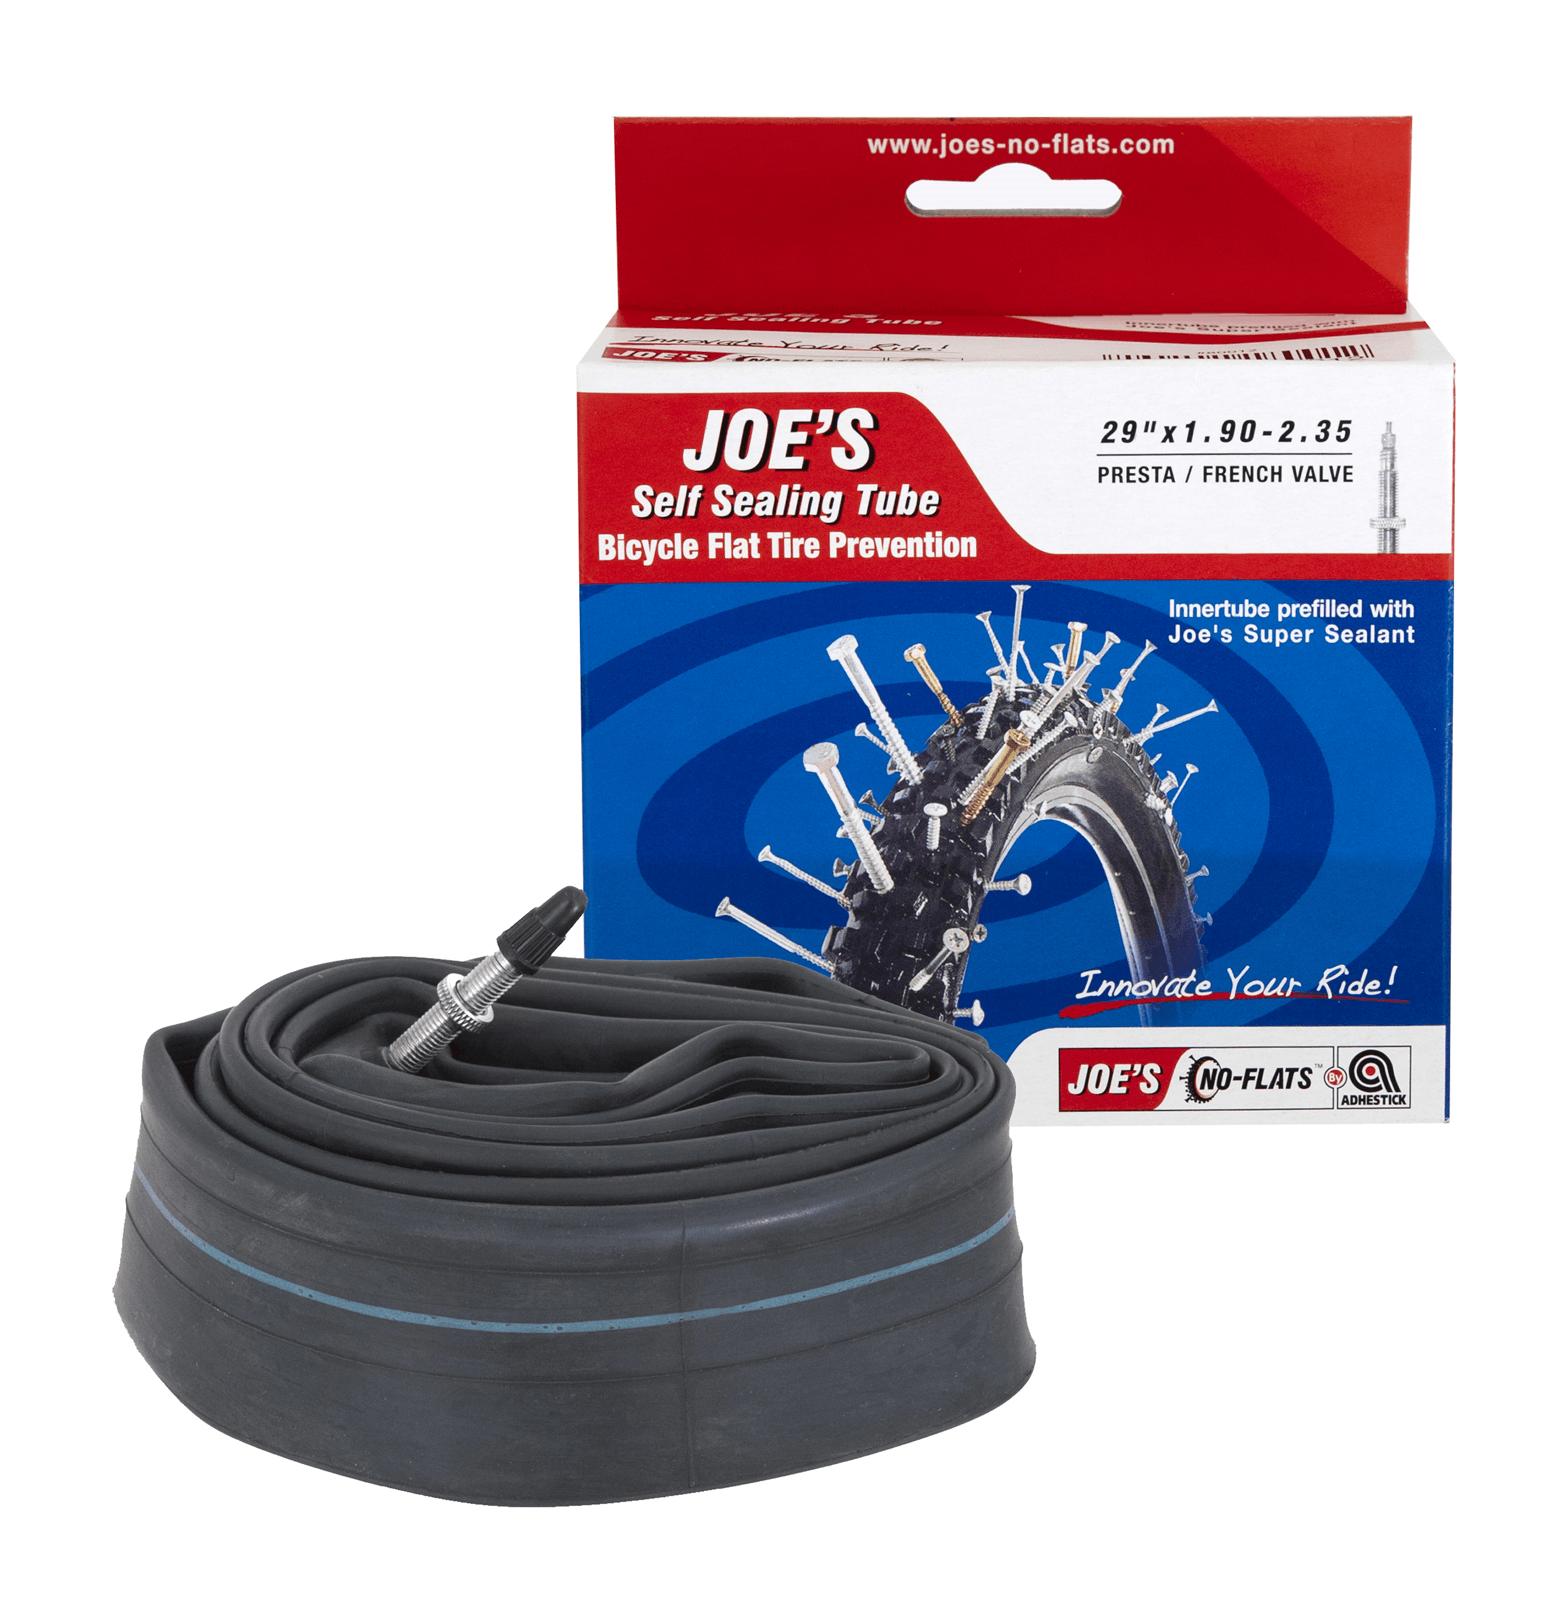 Joe's No Flats Slange med Super Sealant 29x1.90-2.35